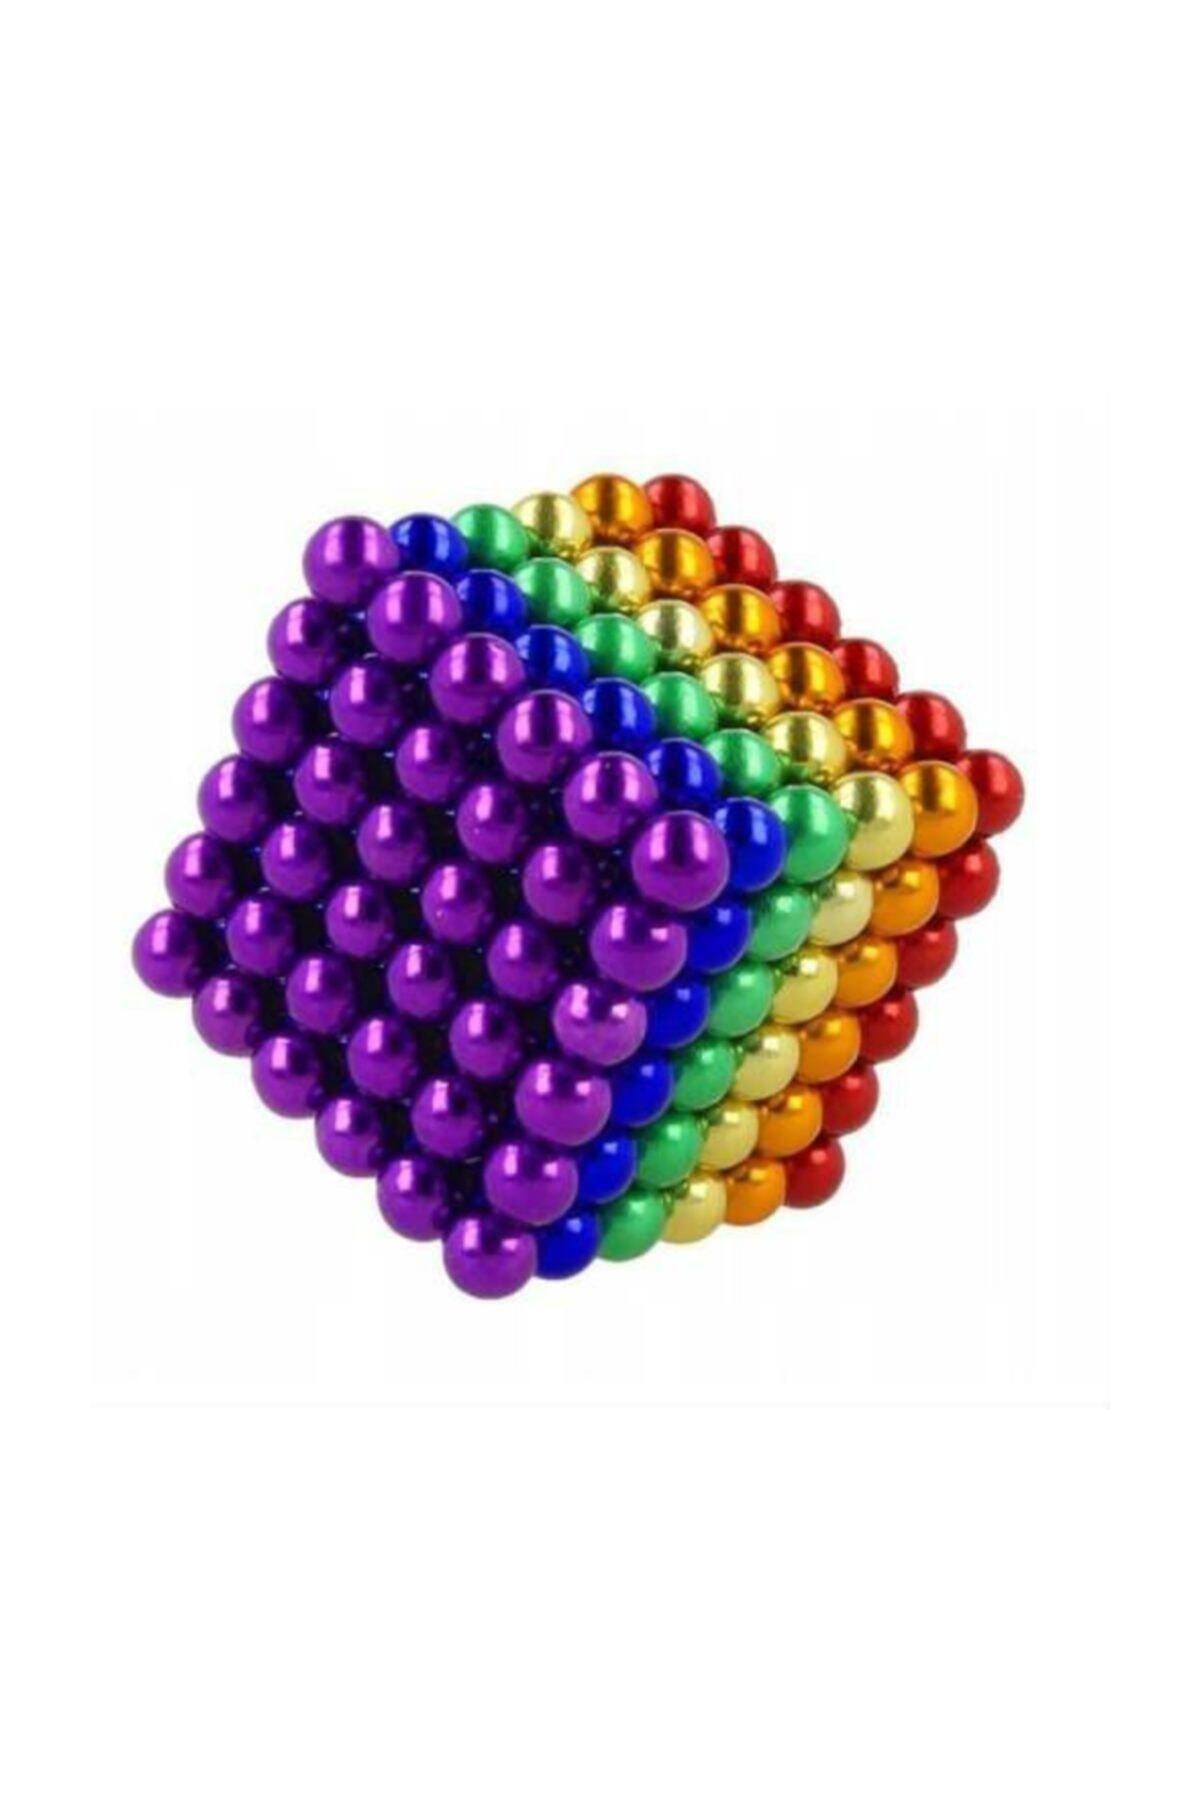 HEPBİMODA 6 Renkli 5mm 216 Adet Neocube Neodyum Mıknatıs Küp Sihirli Manyetik Toplar Mıknatıslı Misket 2